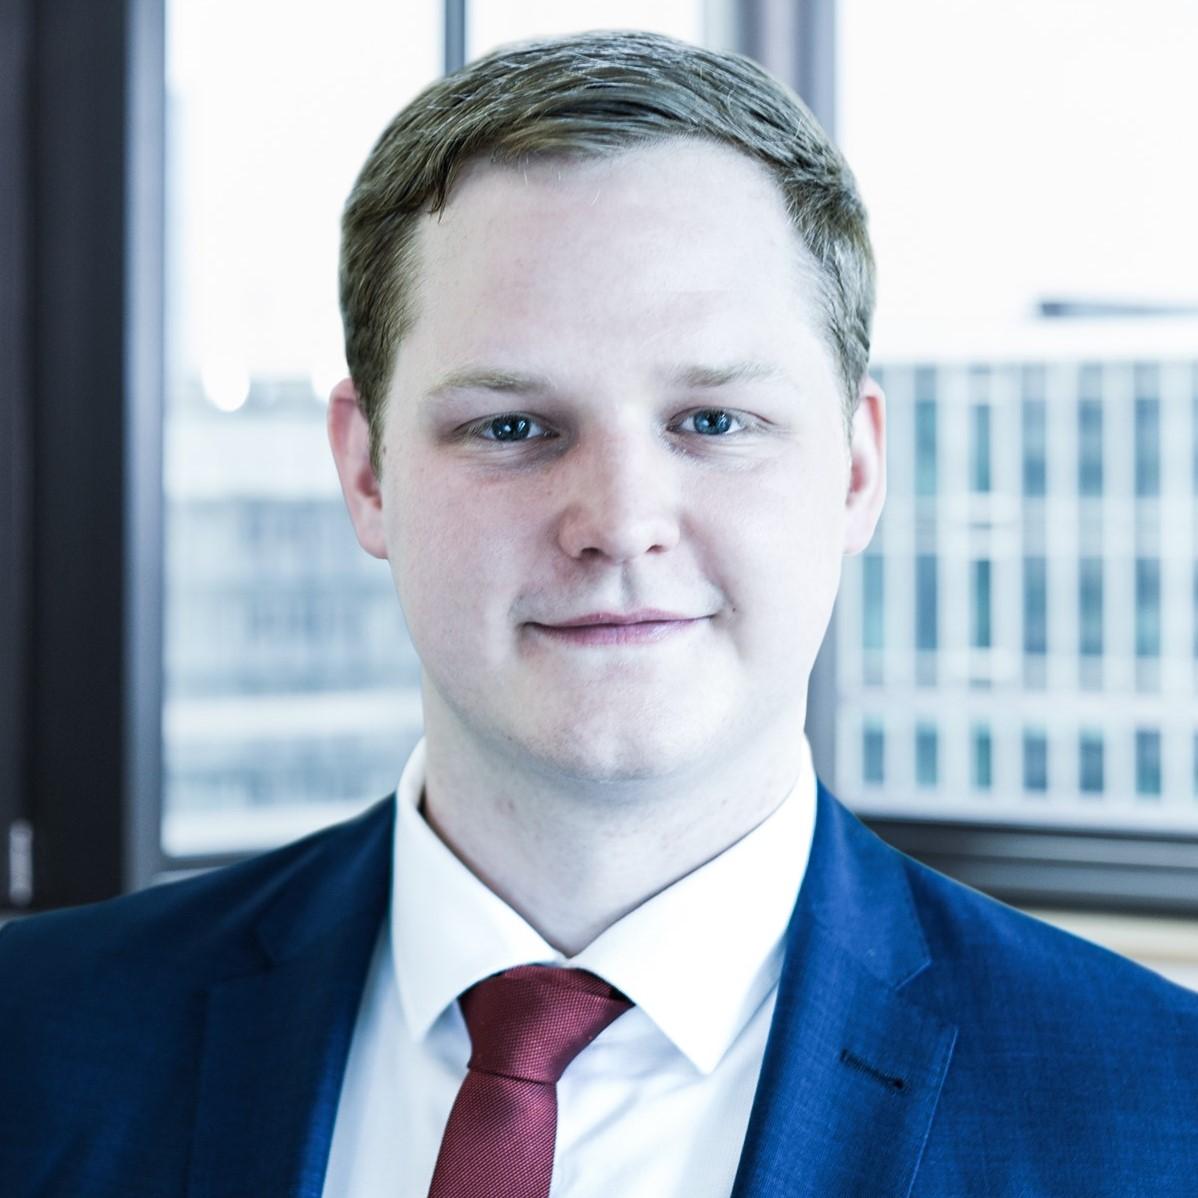 Johannes-Florian Rieger